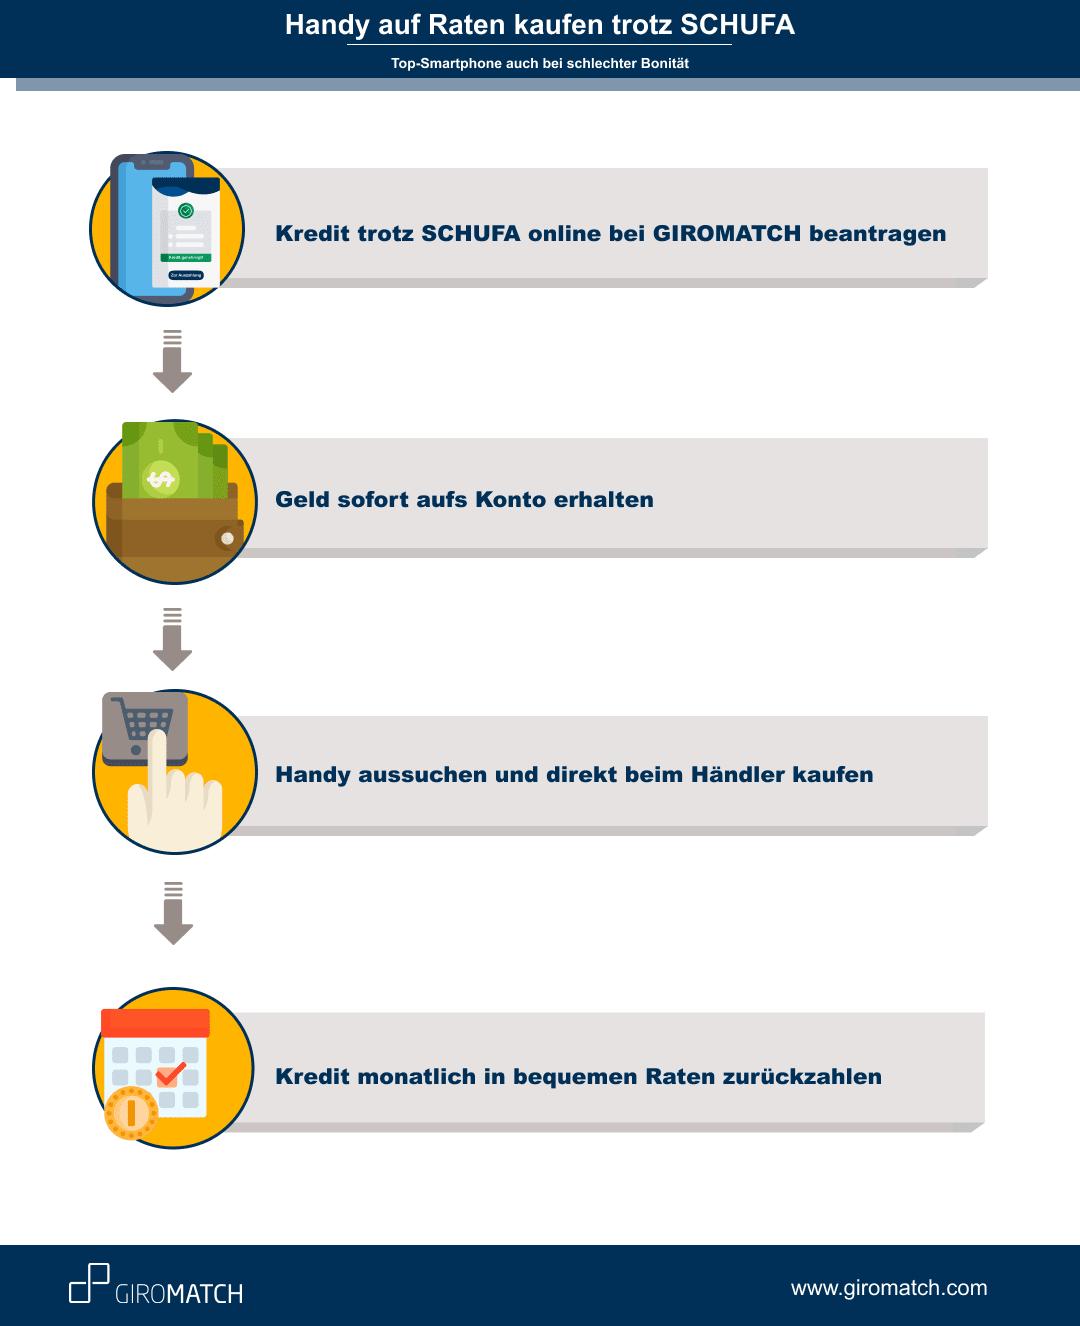 Handy auf Raten ohne Vertrag » So gehts | GIROMATCH